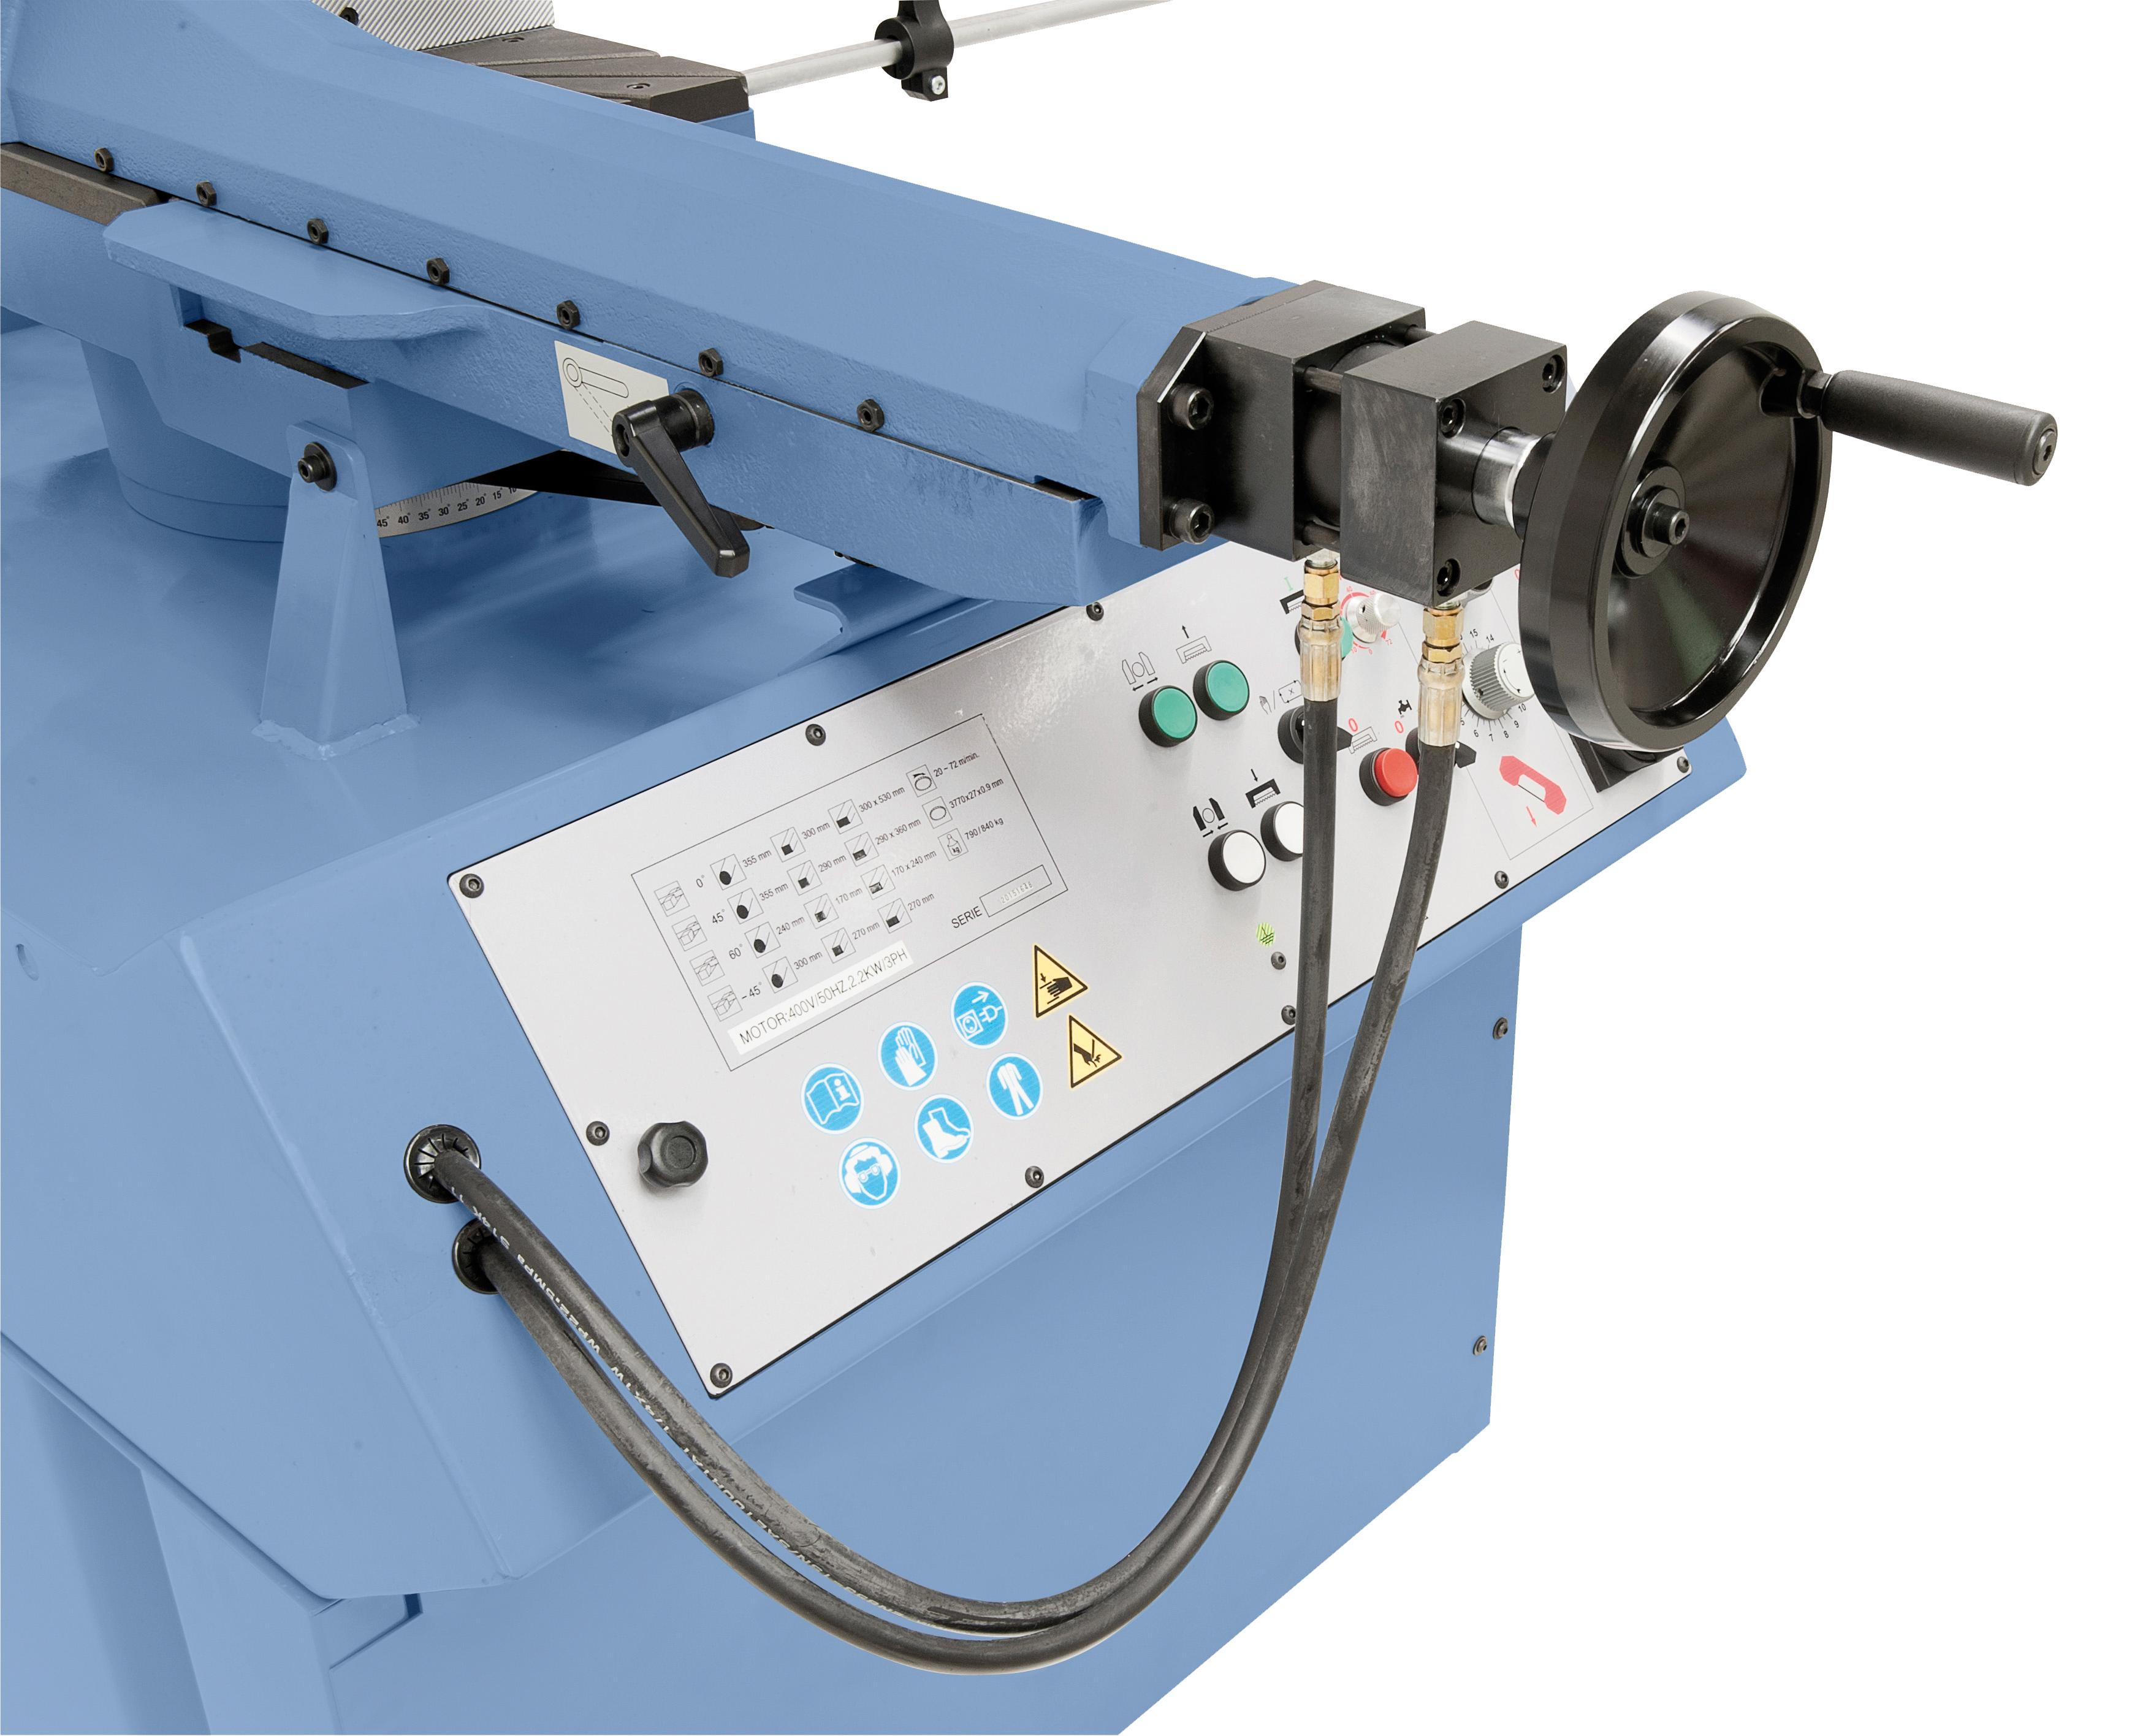 Verschiebbarer Schraubstock, Klemmung erfolgt manuell oder hydraulisch.